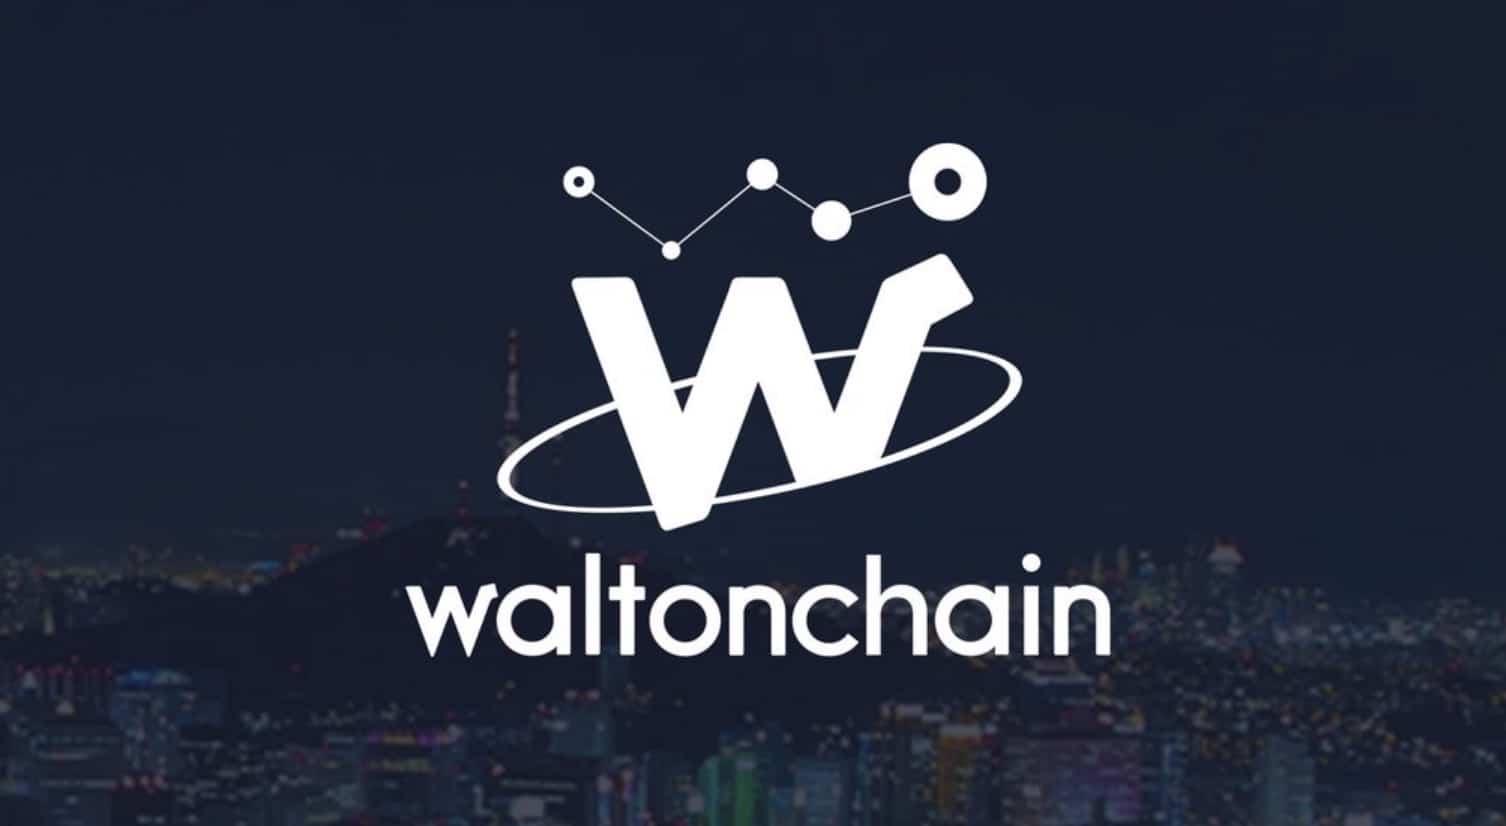 مشروع Waltonchain